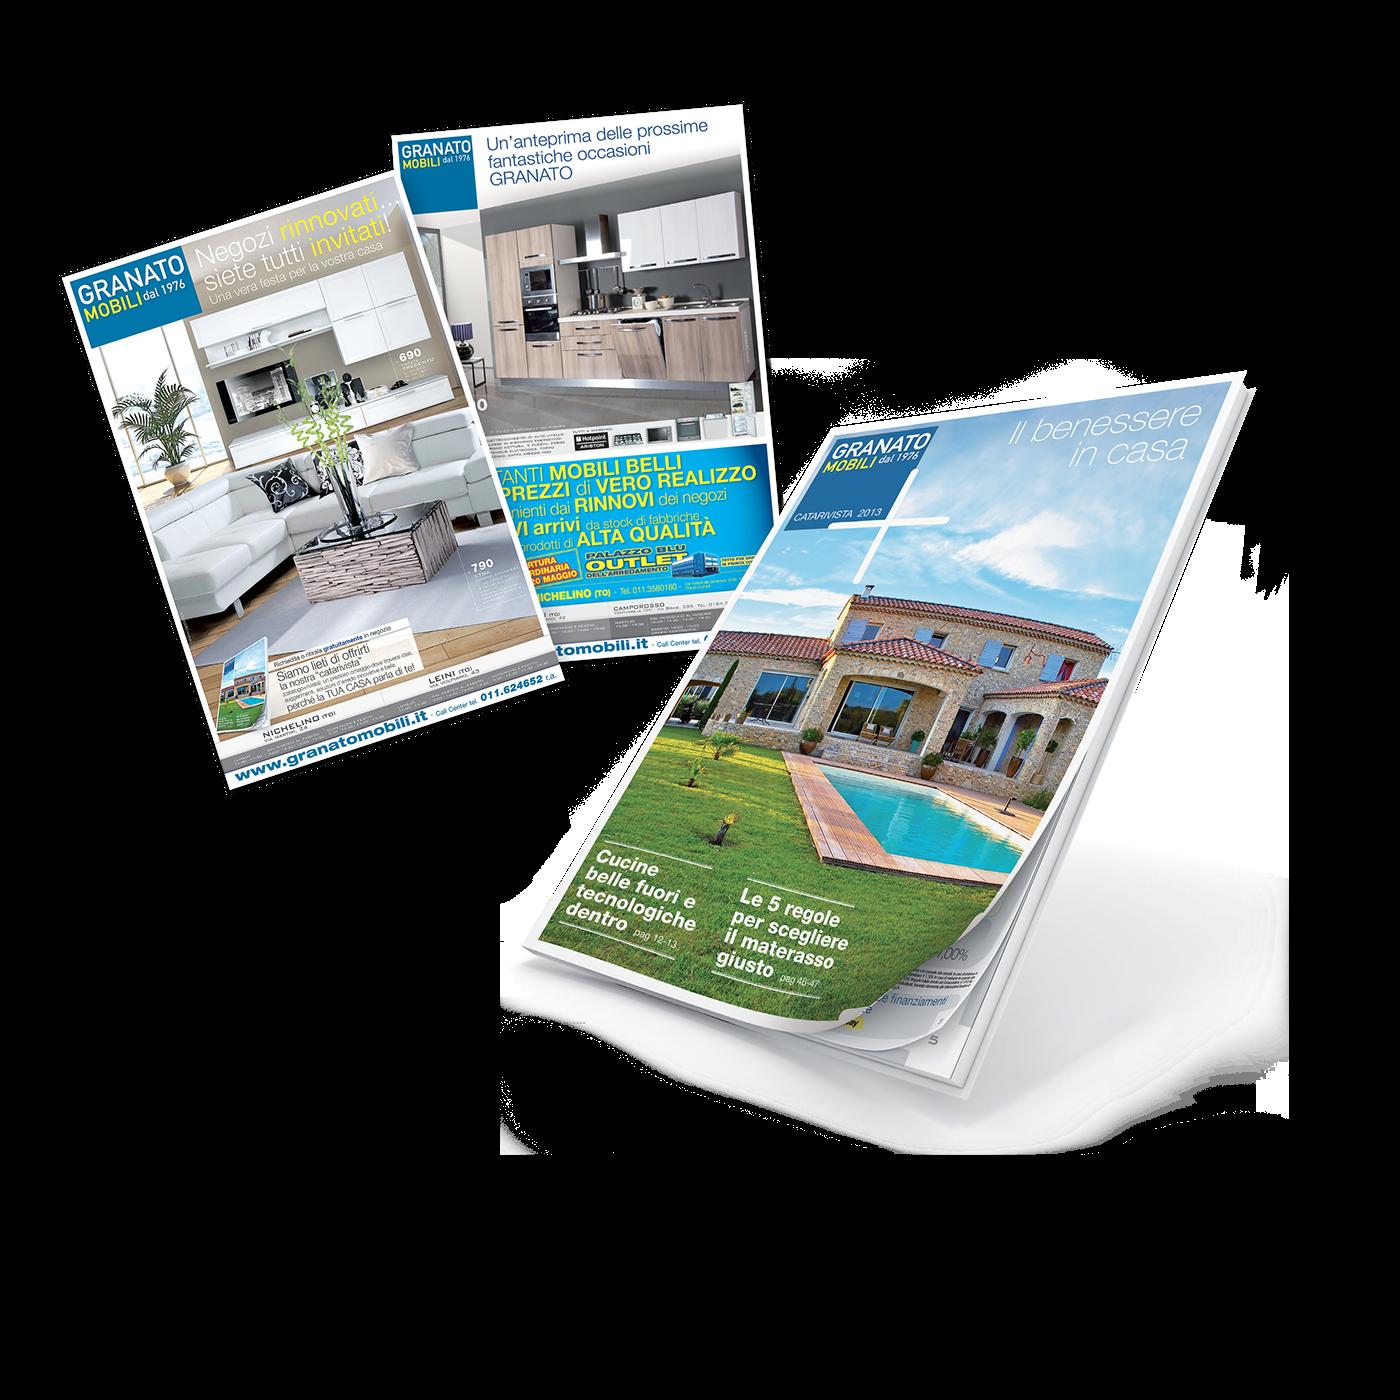 Granato mobili catalogo e flyer on behance - Granato mobili nichelino catalogo ...